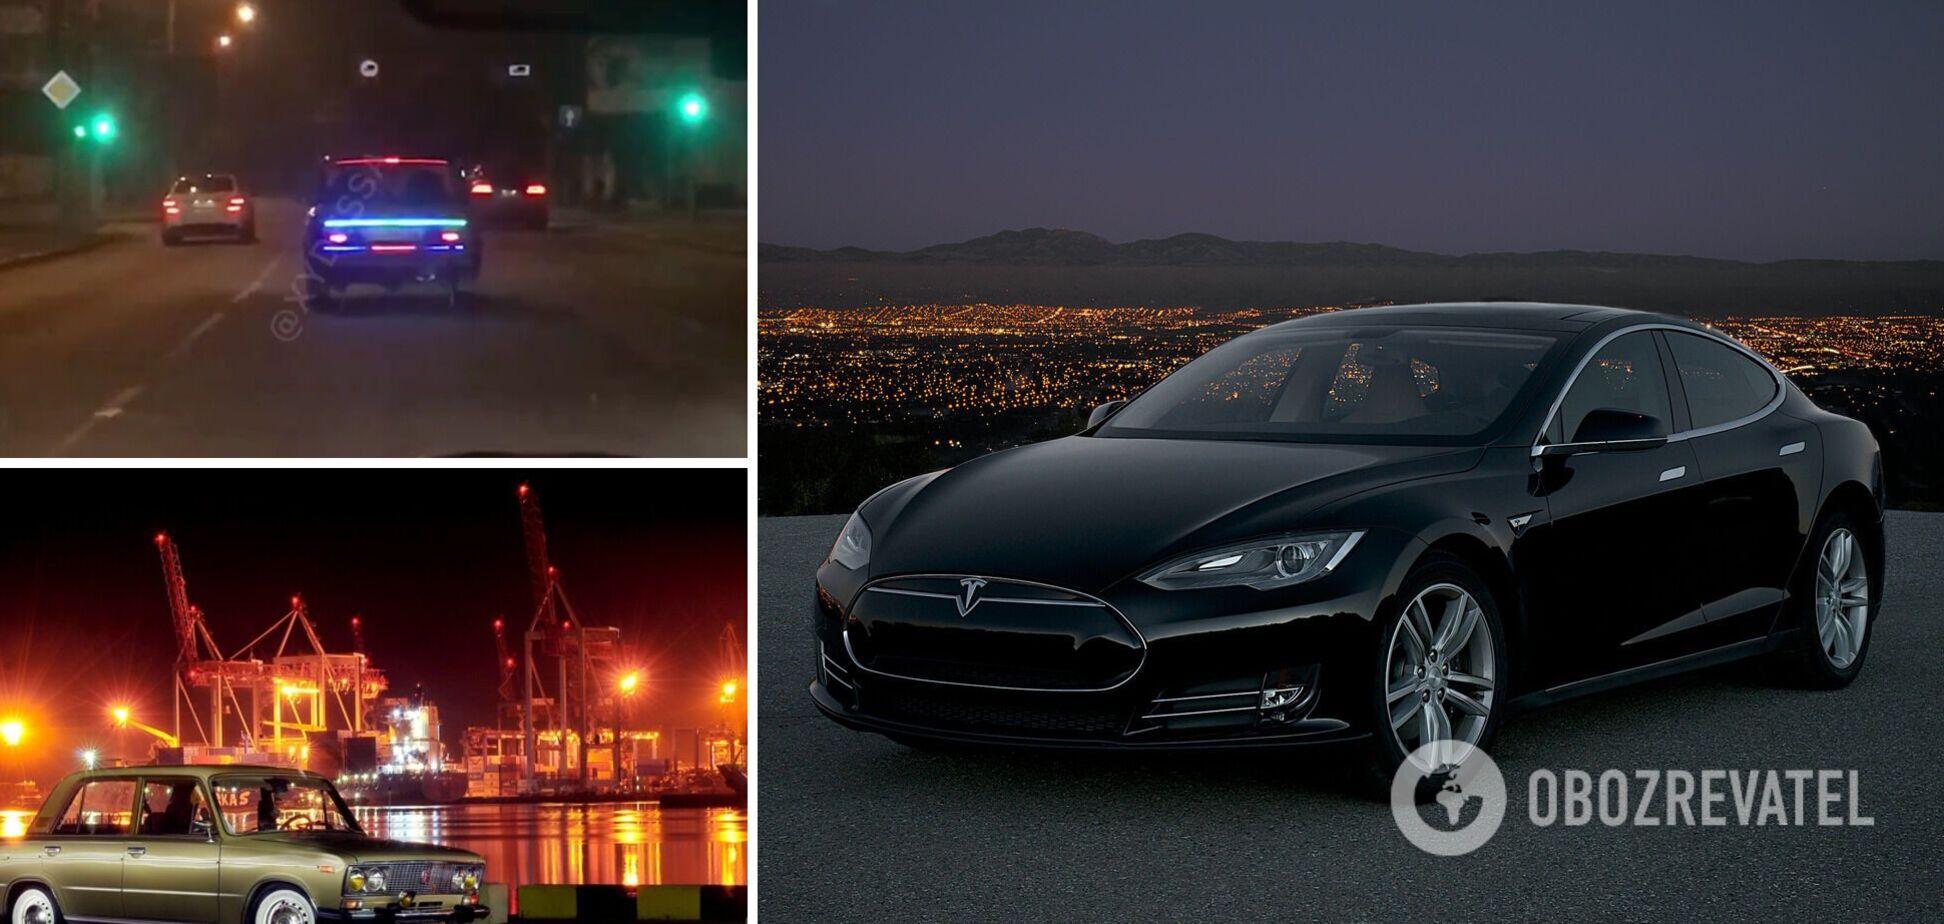 В Одессе заметили 'автомобиль будущего', которому позавидует Маск. Видео